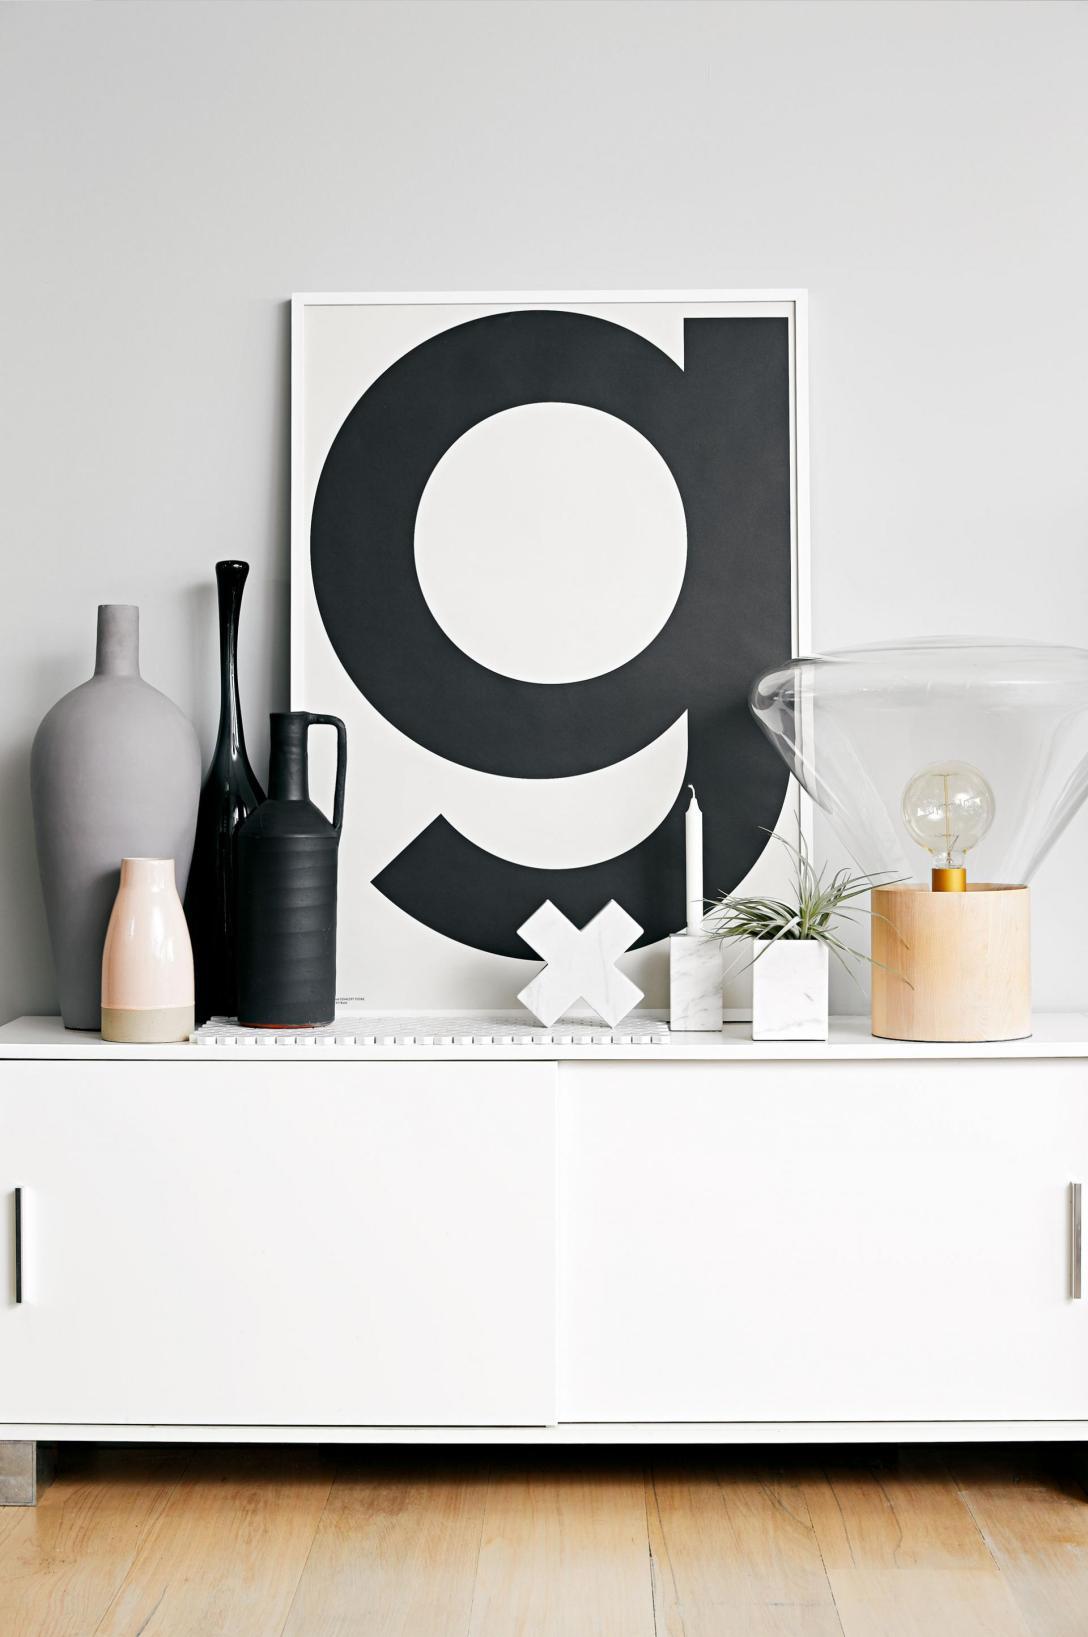 sideboard-styling-vases-artwork-sept15-20150914155857~q75,dx1920y-u1r1g0,c--